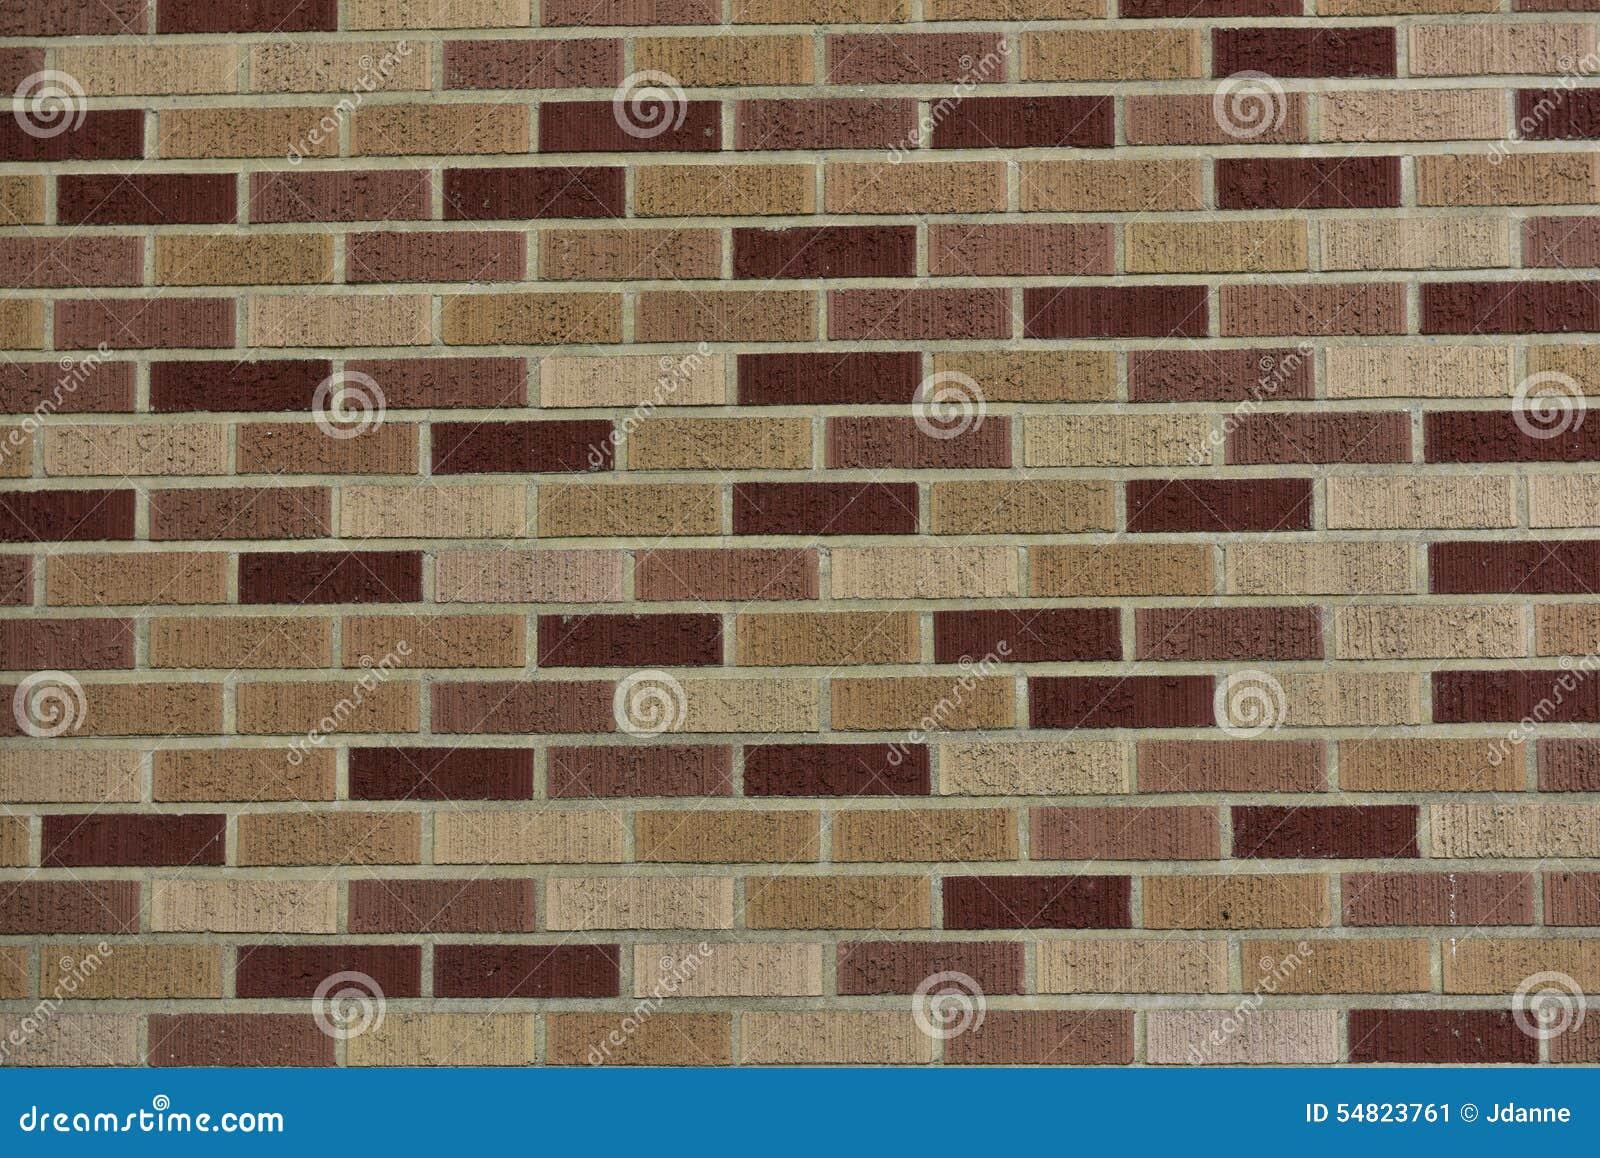 Alvenaria do tijolo de clinquer